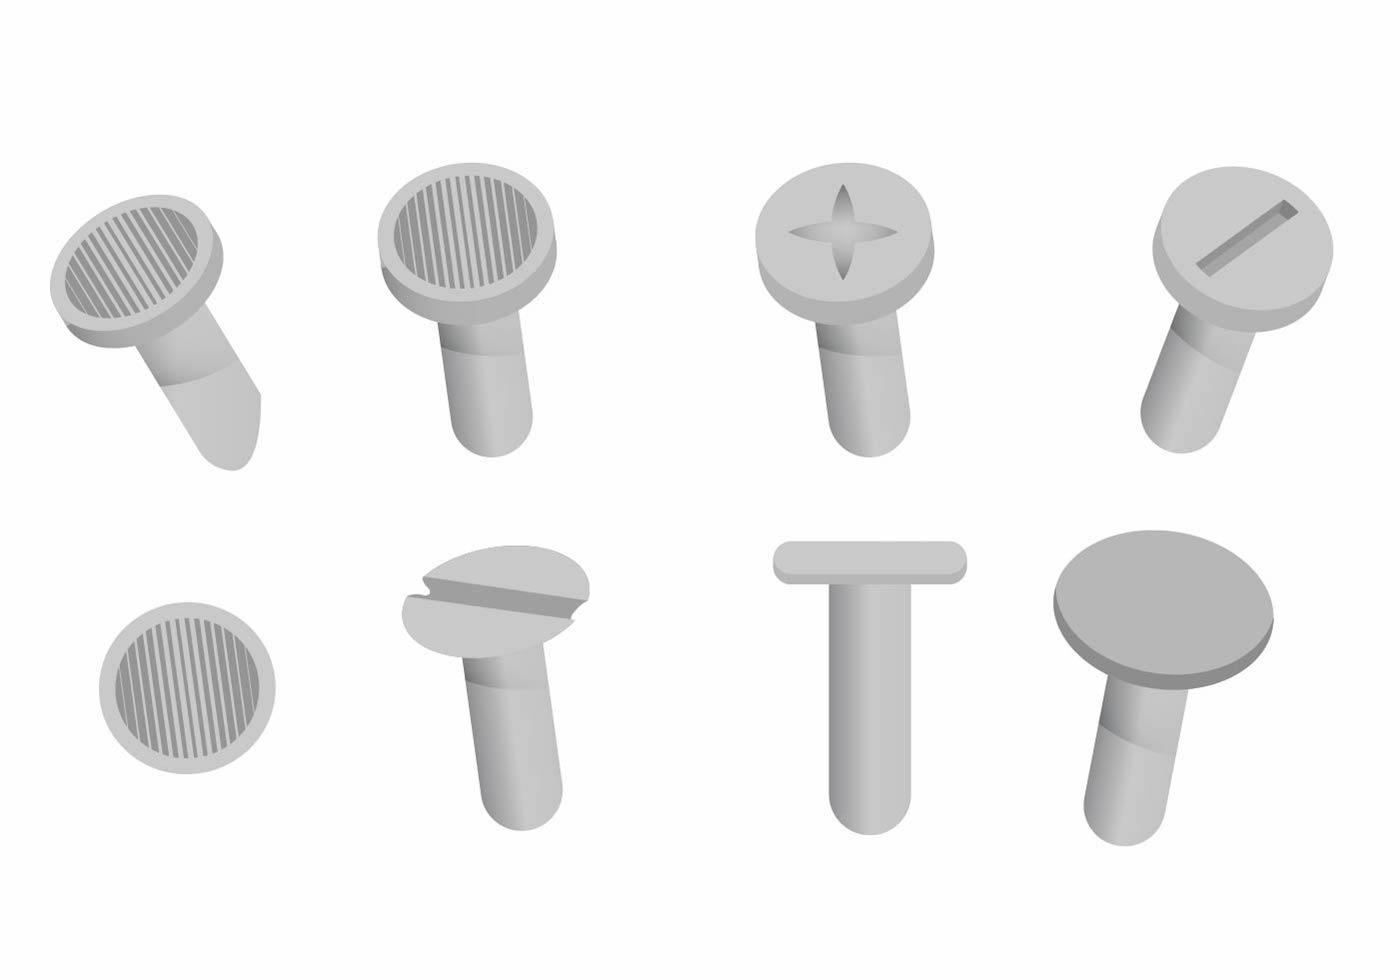 Nagel Hoofd Vector Set - Download Gratis Vectorkunst En Andere Vectorafbeeldingen